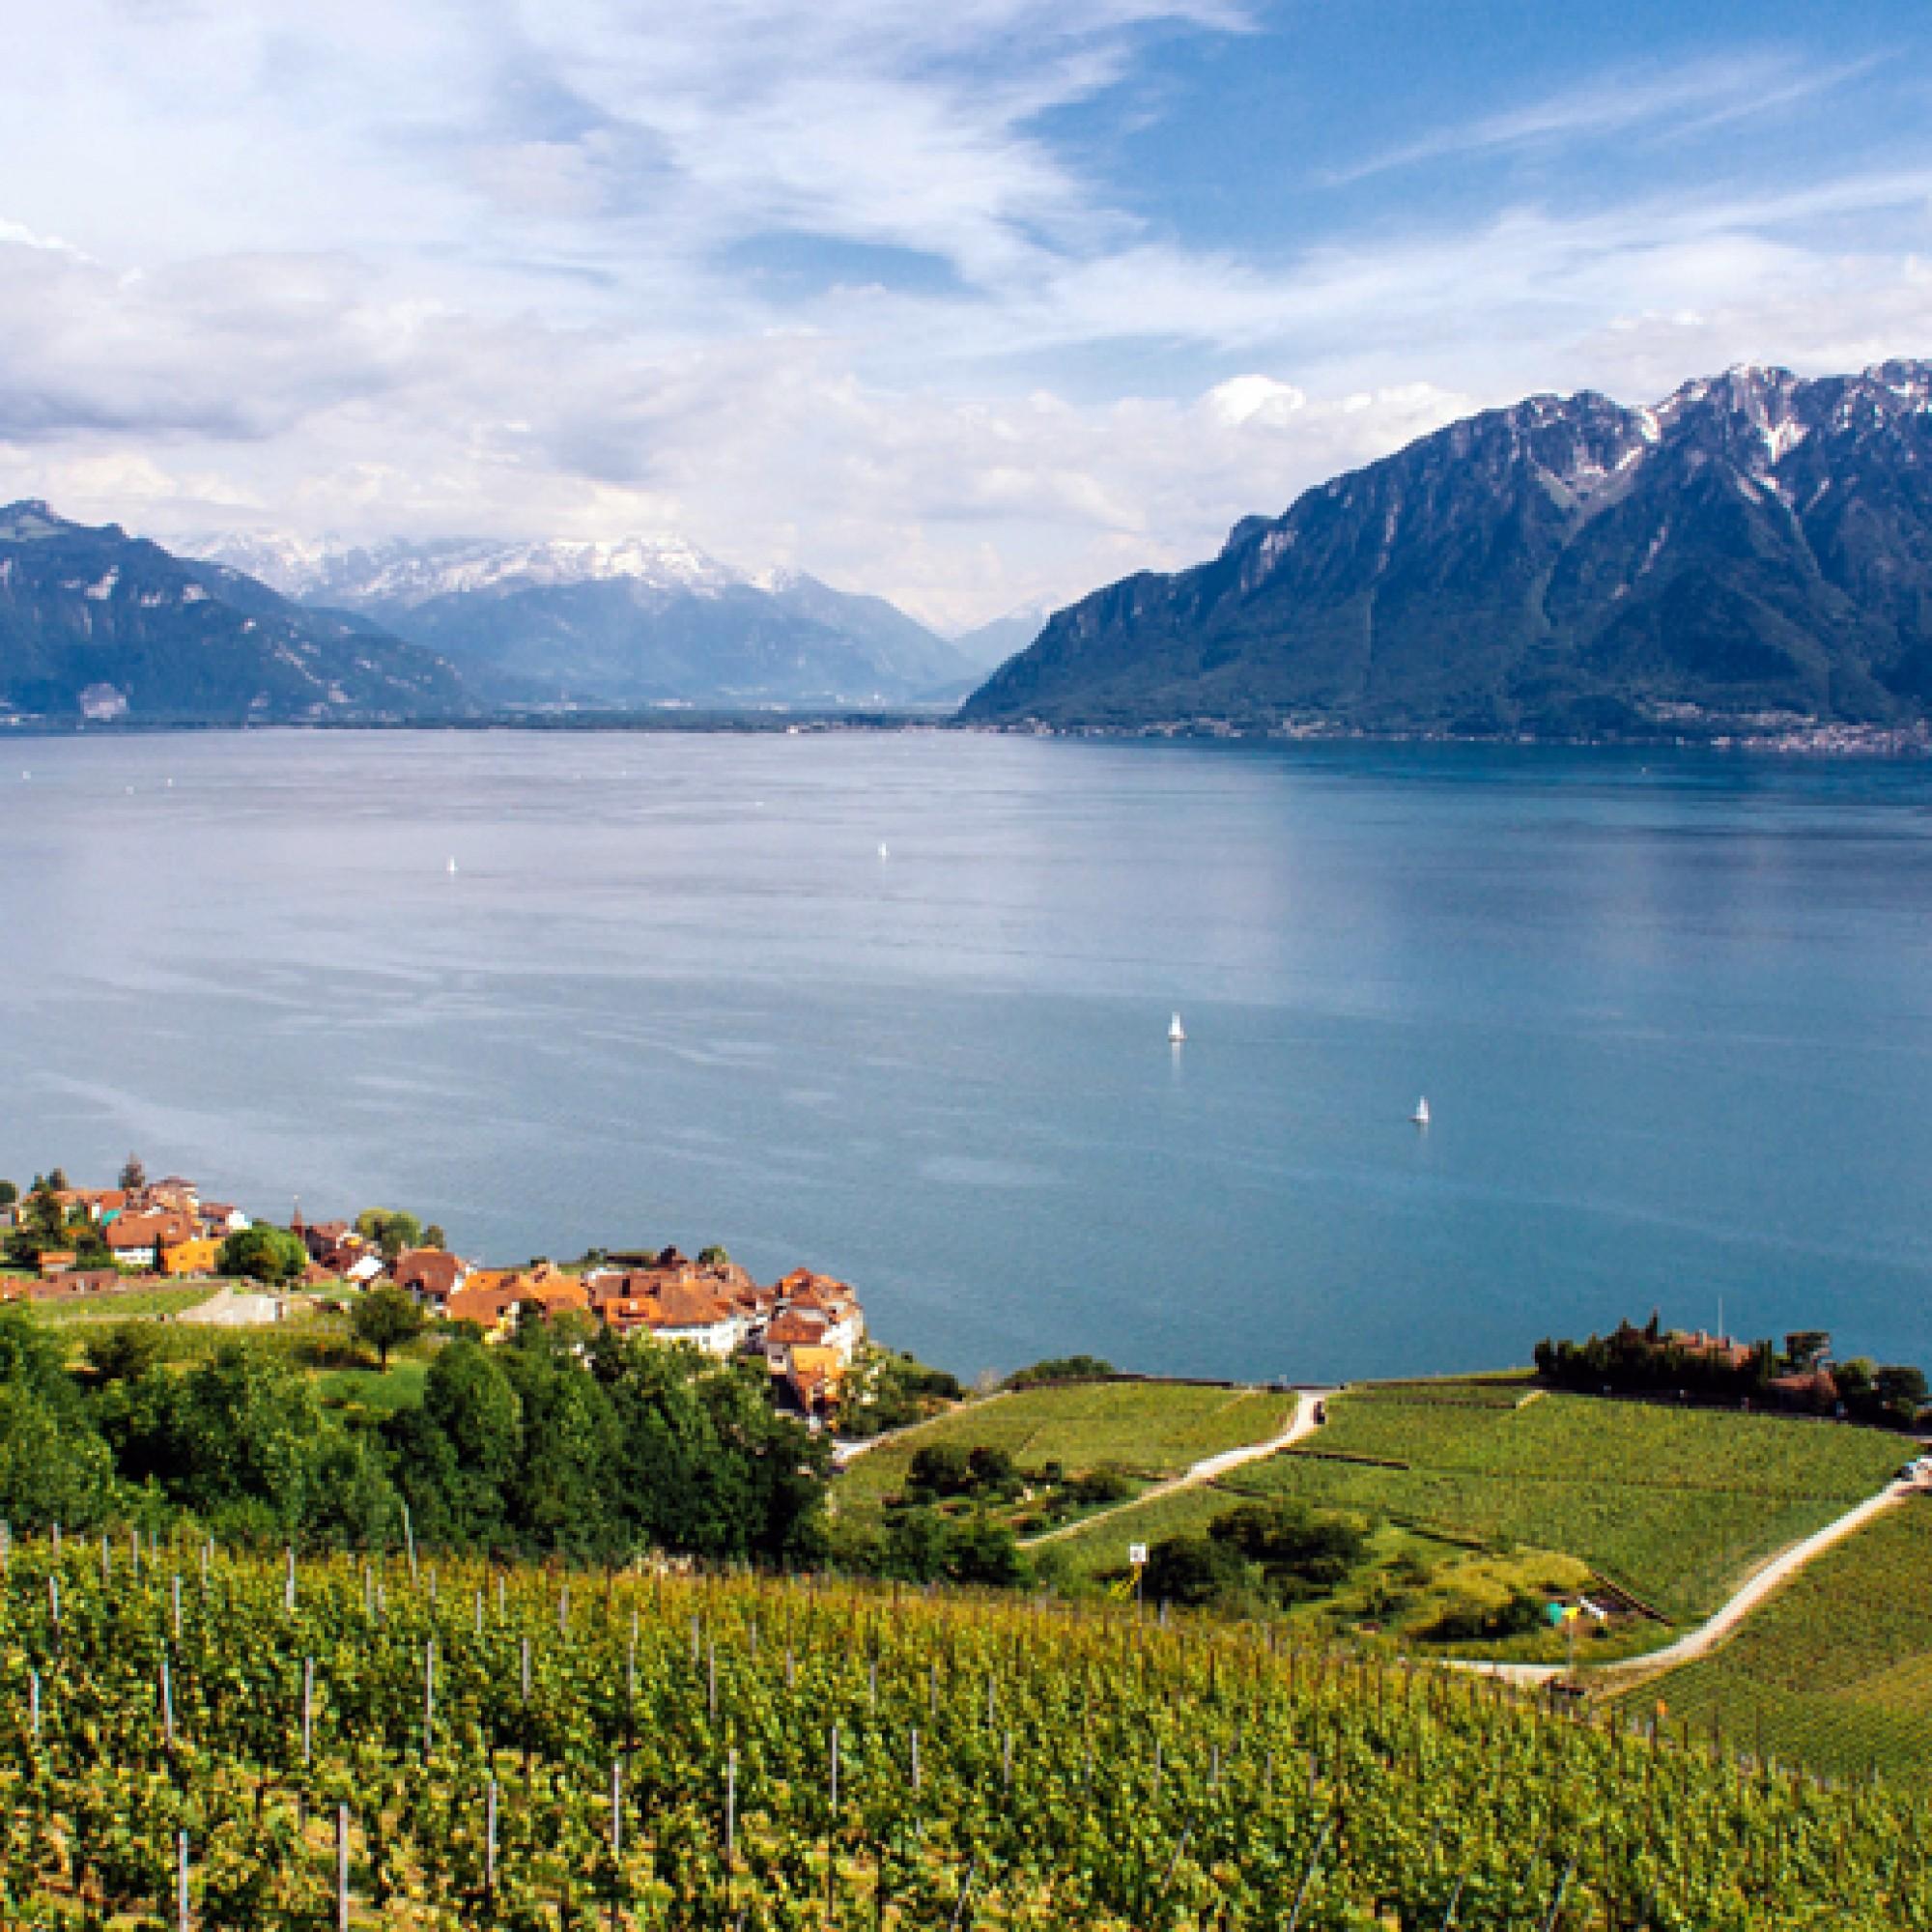 Wer im Lavaux. an den Ufern des Genfersees wohnt, lebt fast ideal: Die Stadt - Genf oder Lausanne - ist nicht allzuweit weg und grandiose Aussicht auf See und Berge sind ebenfalls gewährleistet. (Damian Zech, flickr, CC)